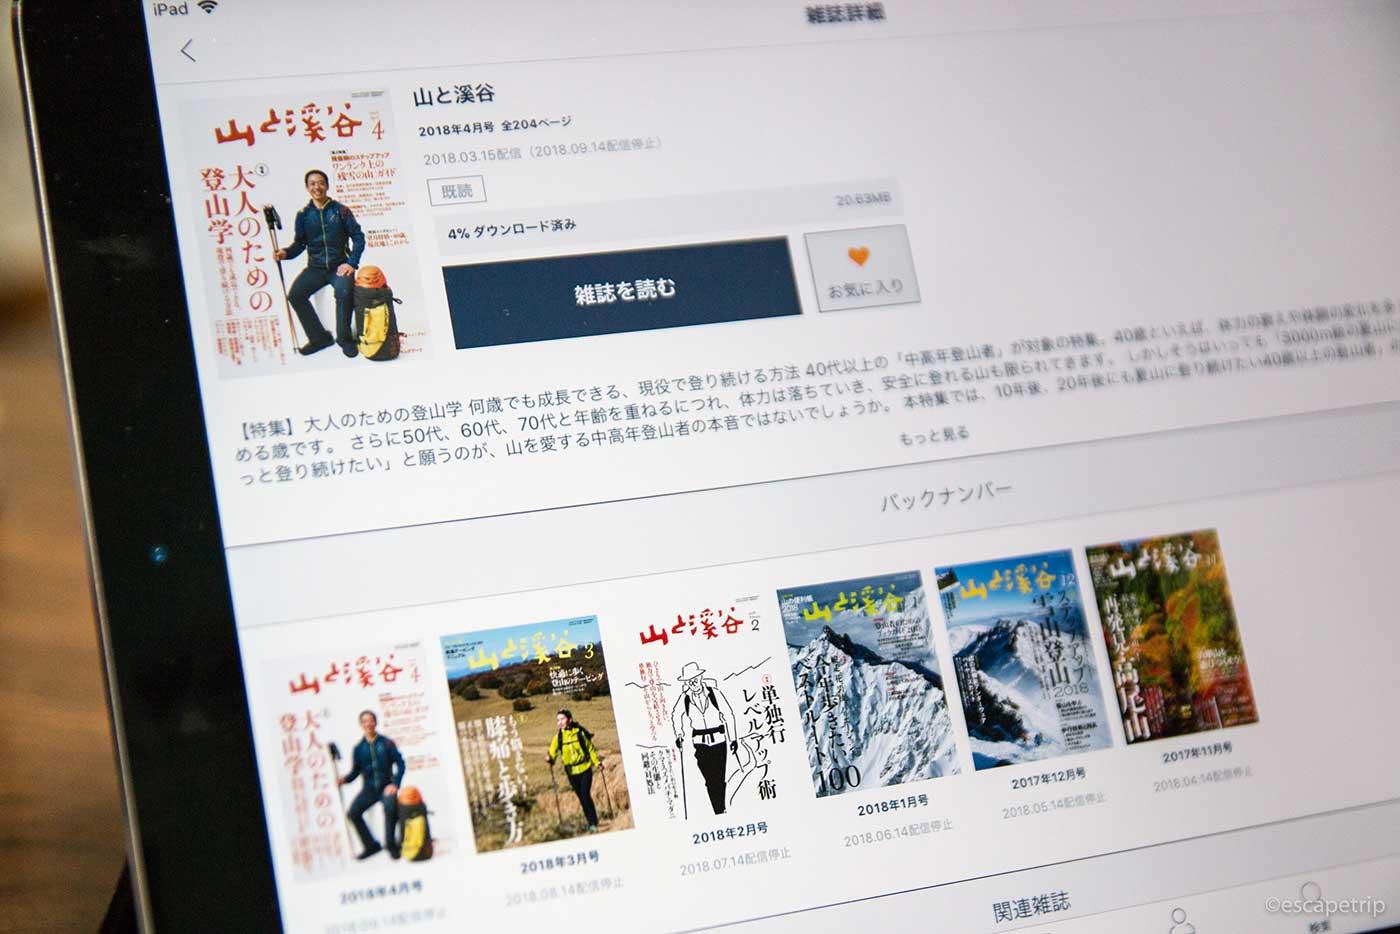 楽天マガジンのアプリの画面